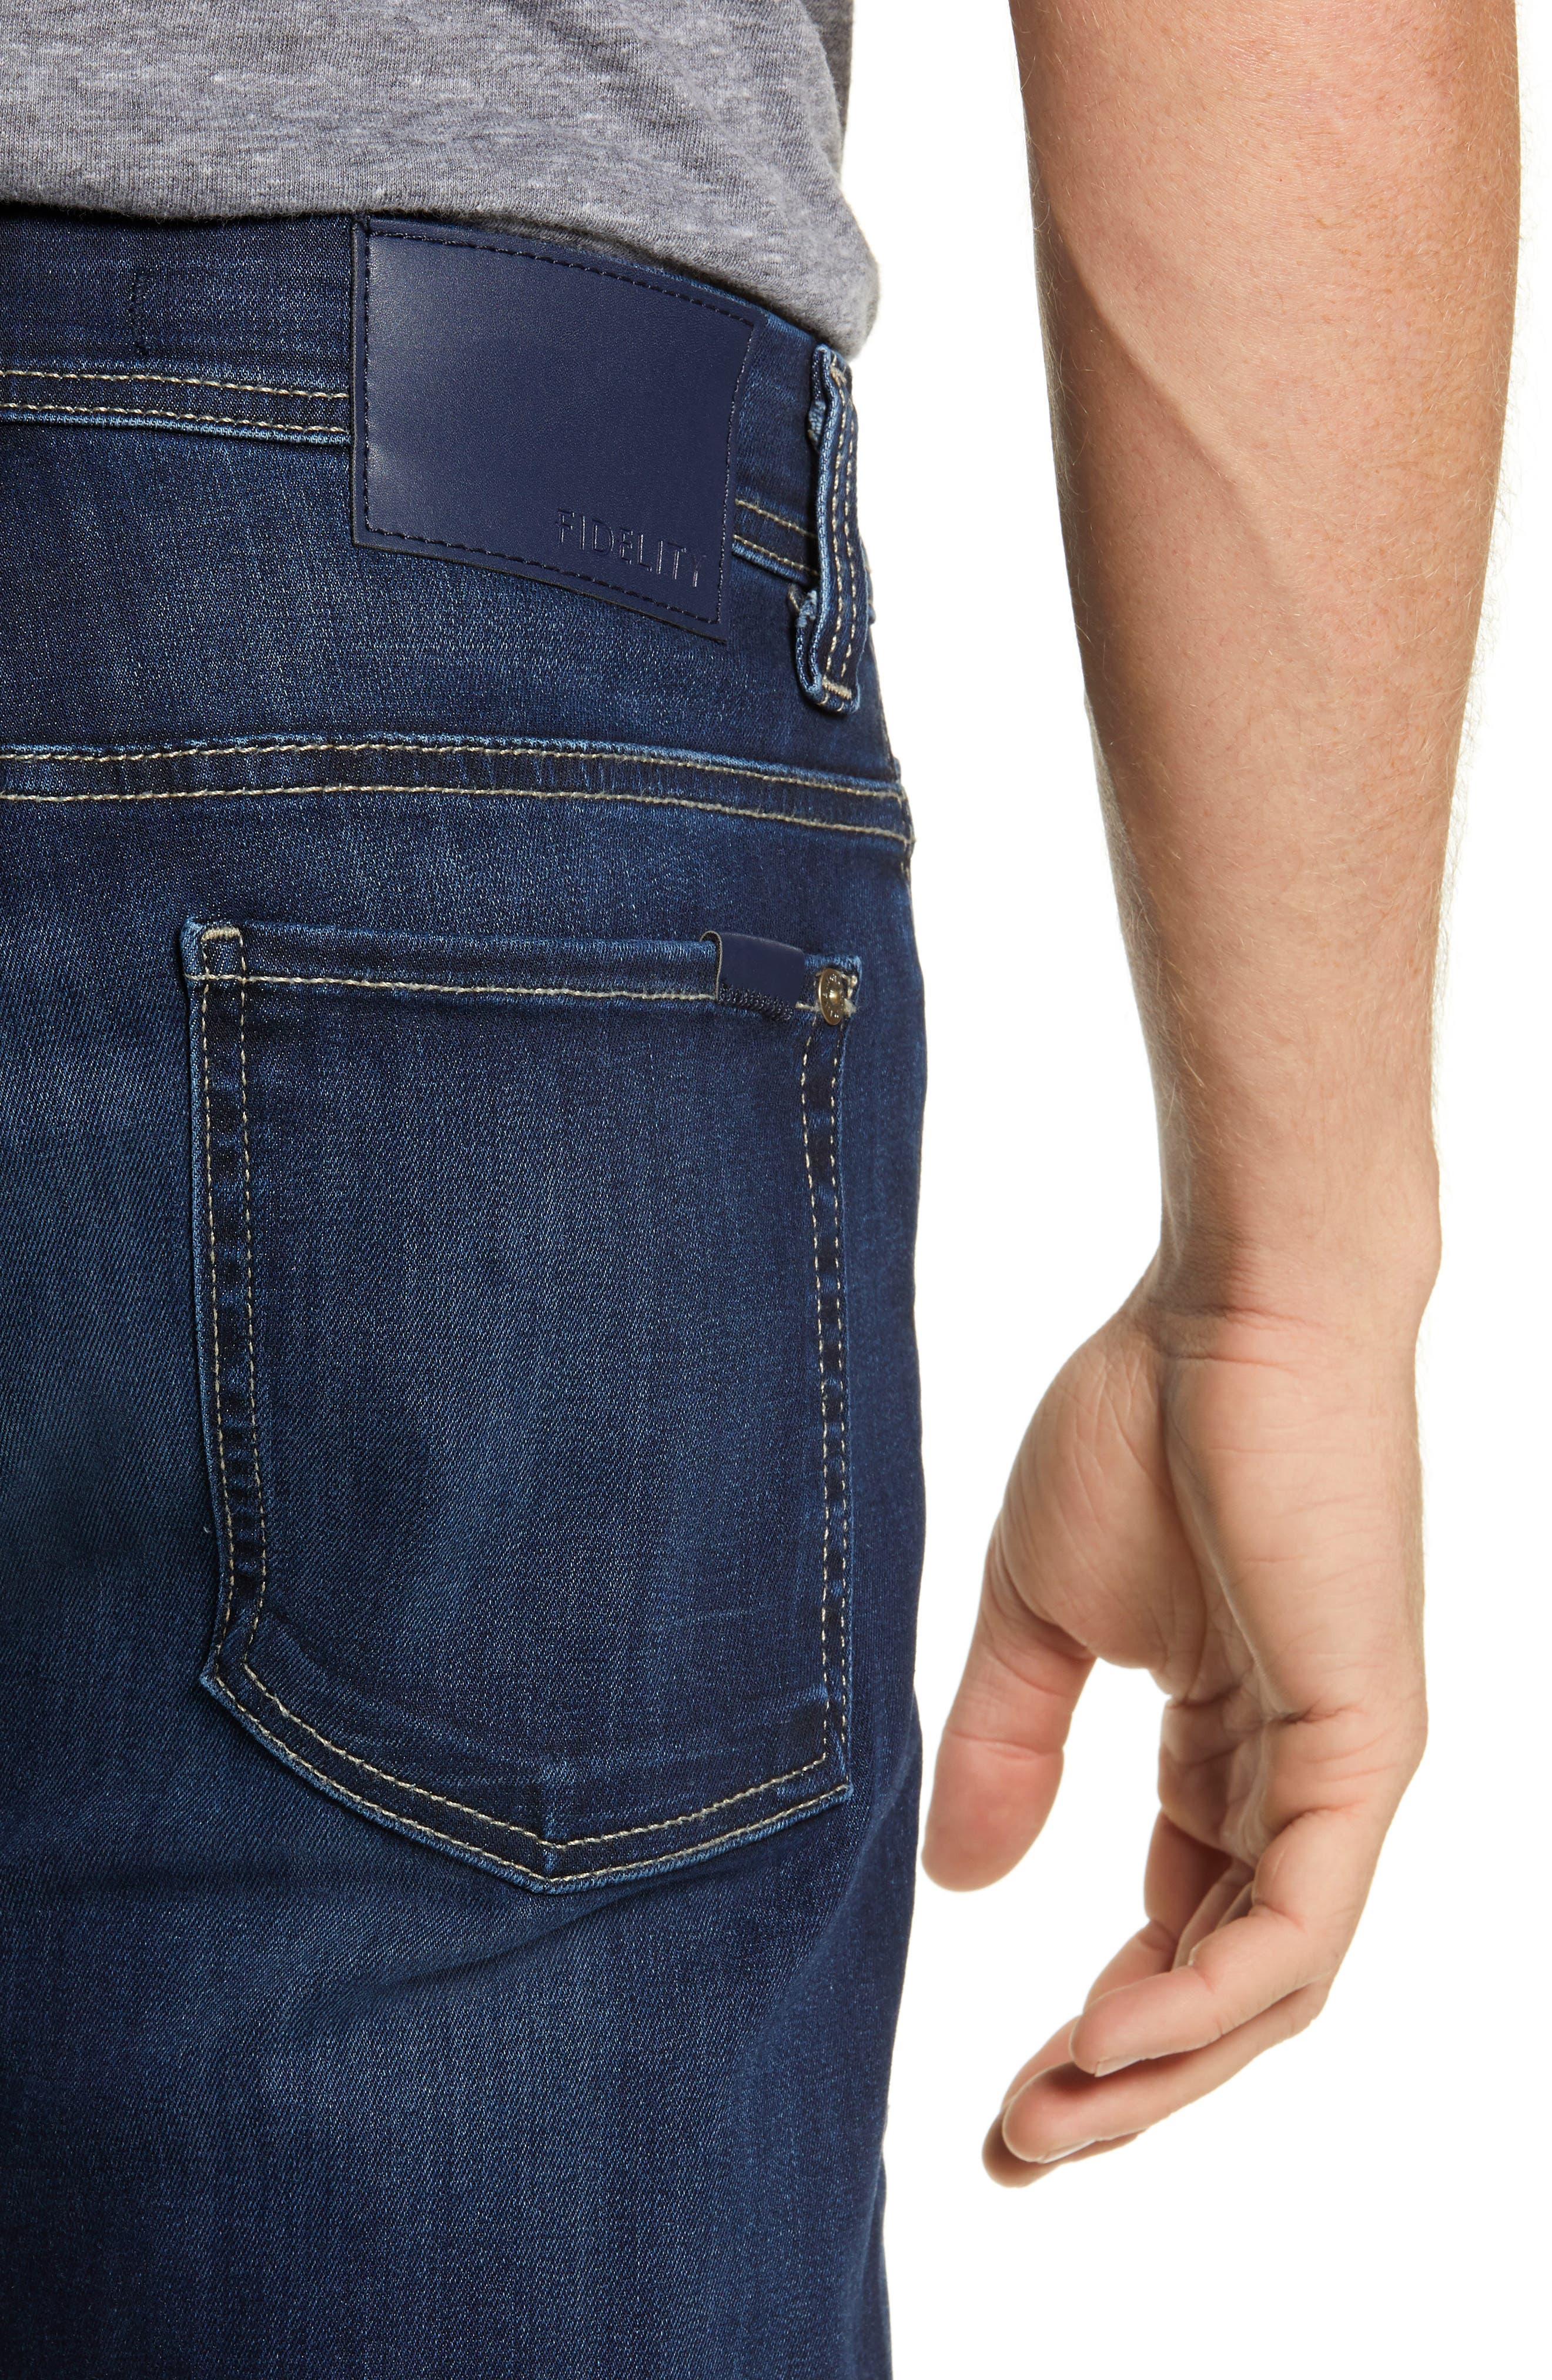 Jimmy Slim Straight Leg Jeans,                             Alternate thumbnail 4, color,                             STRIKER